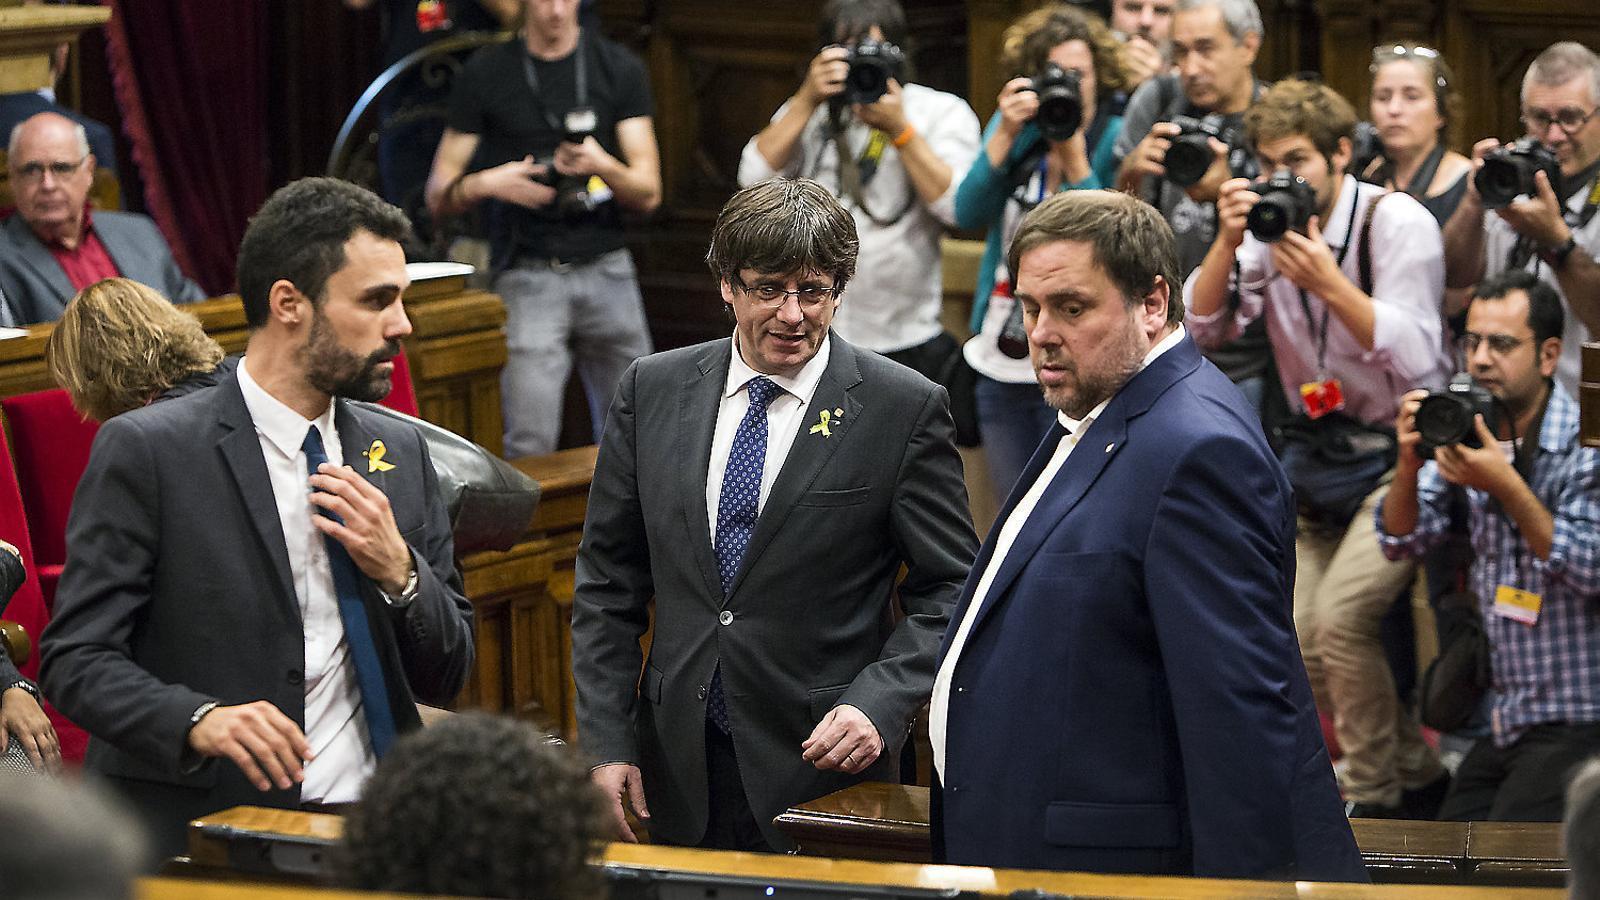 Carles Puigdemont i Oriol Junqueras, fotografiats al Parlament el 27 d'octubre, el dia en què es va declarar la República de Catalunya.